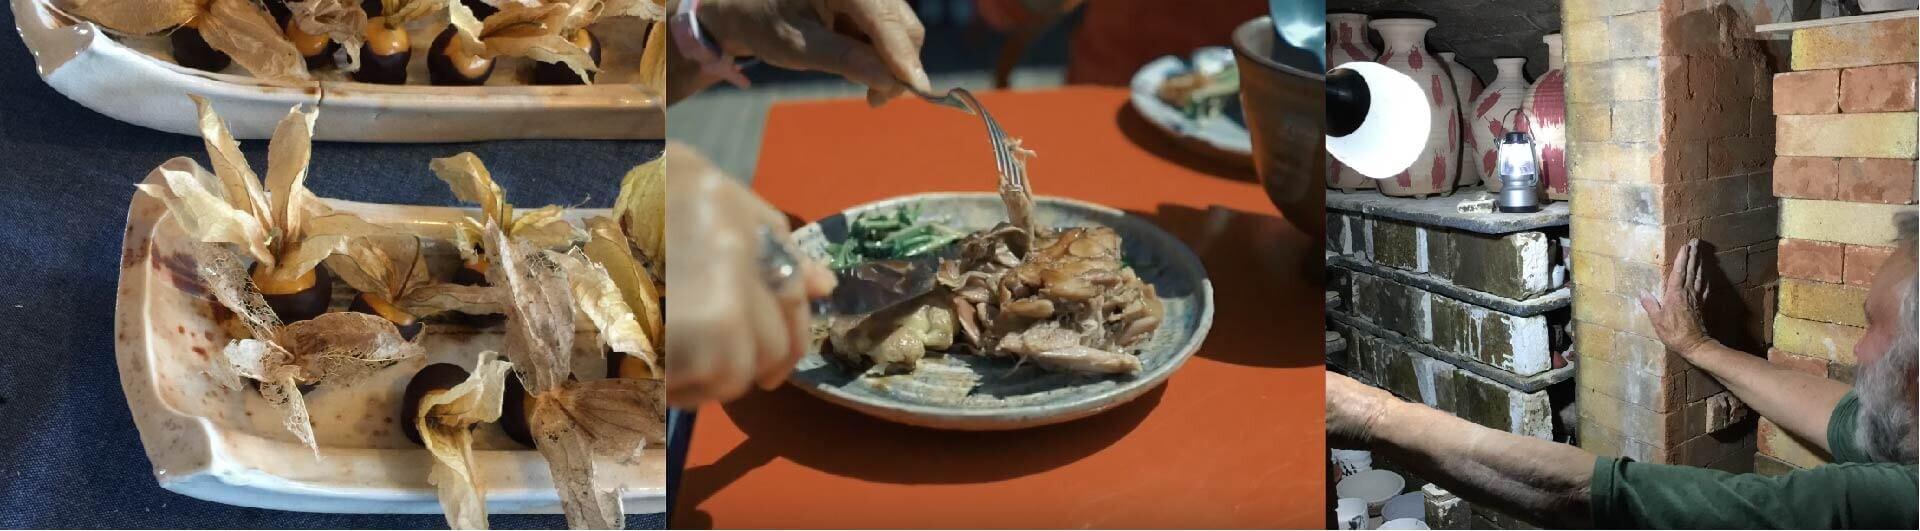 de-mestres-e-chefs-outono-cerdeira-capa-3.jpg